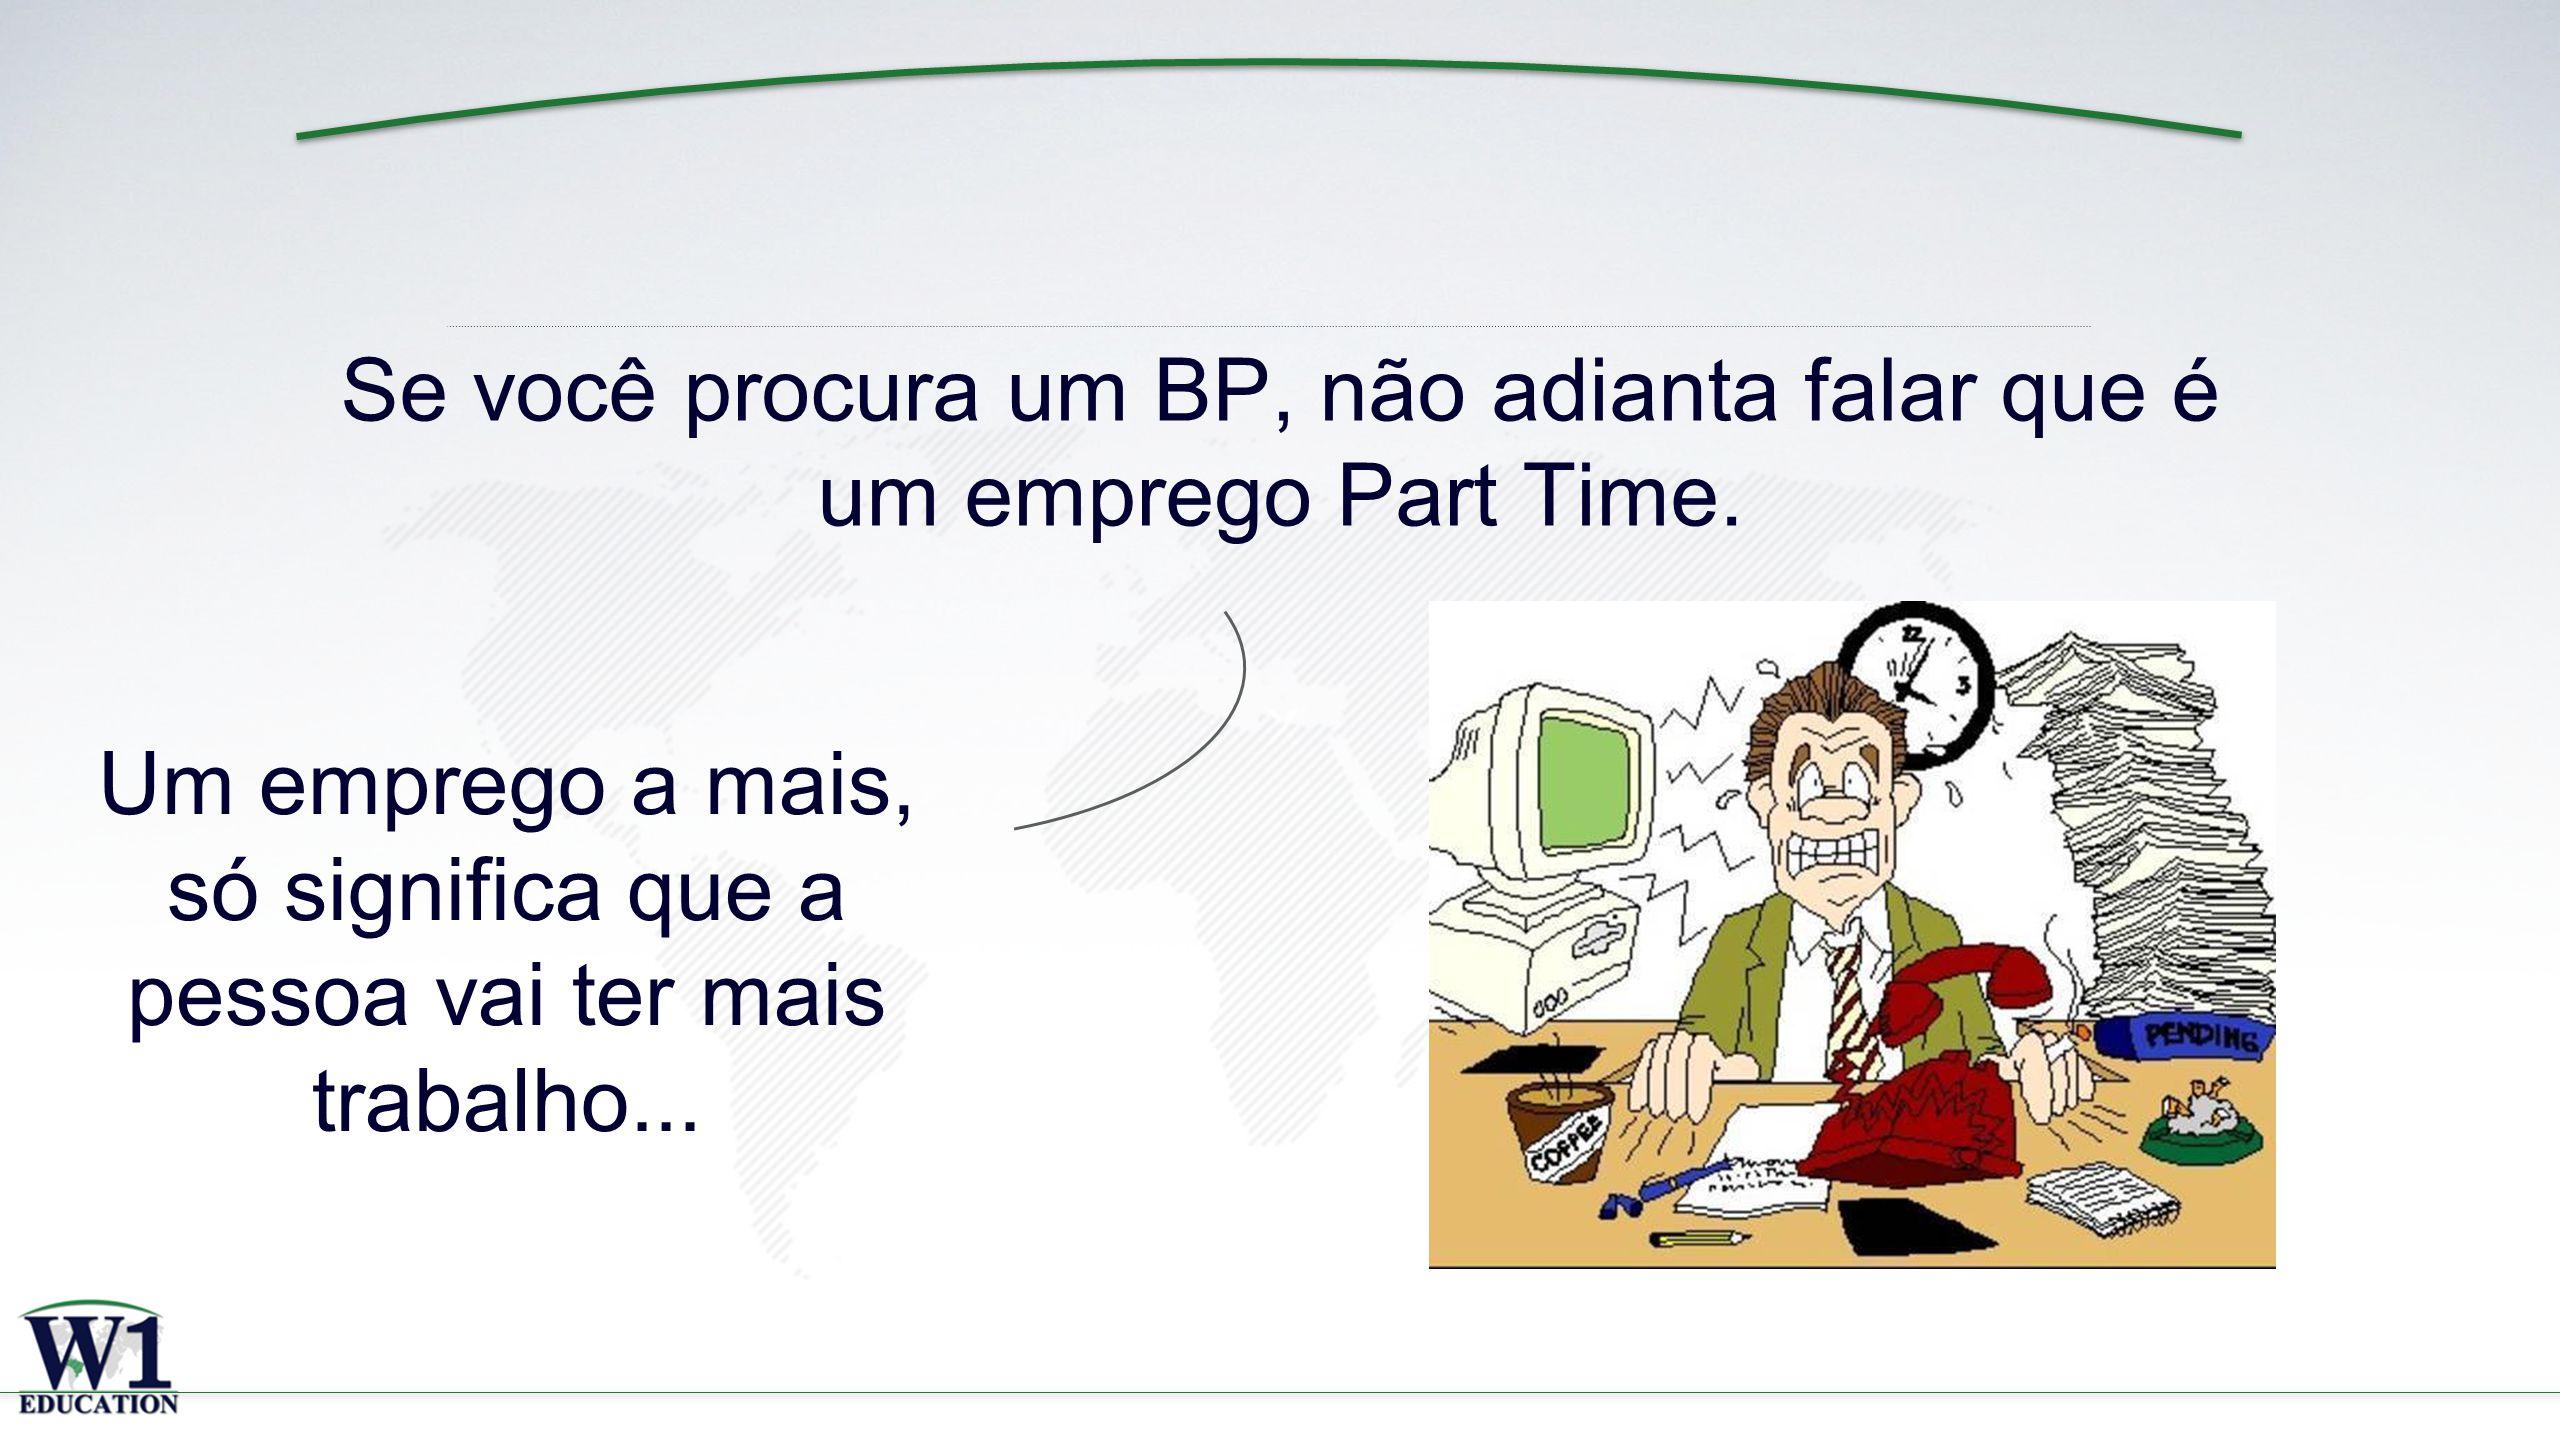 x Se você procura um BP, não adianta falar que é um emprego Part Time.